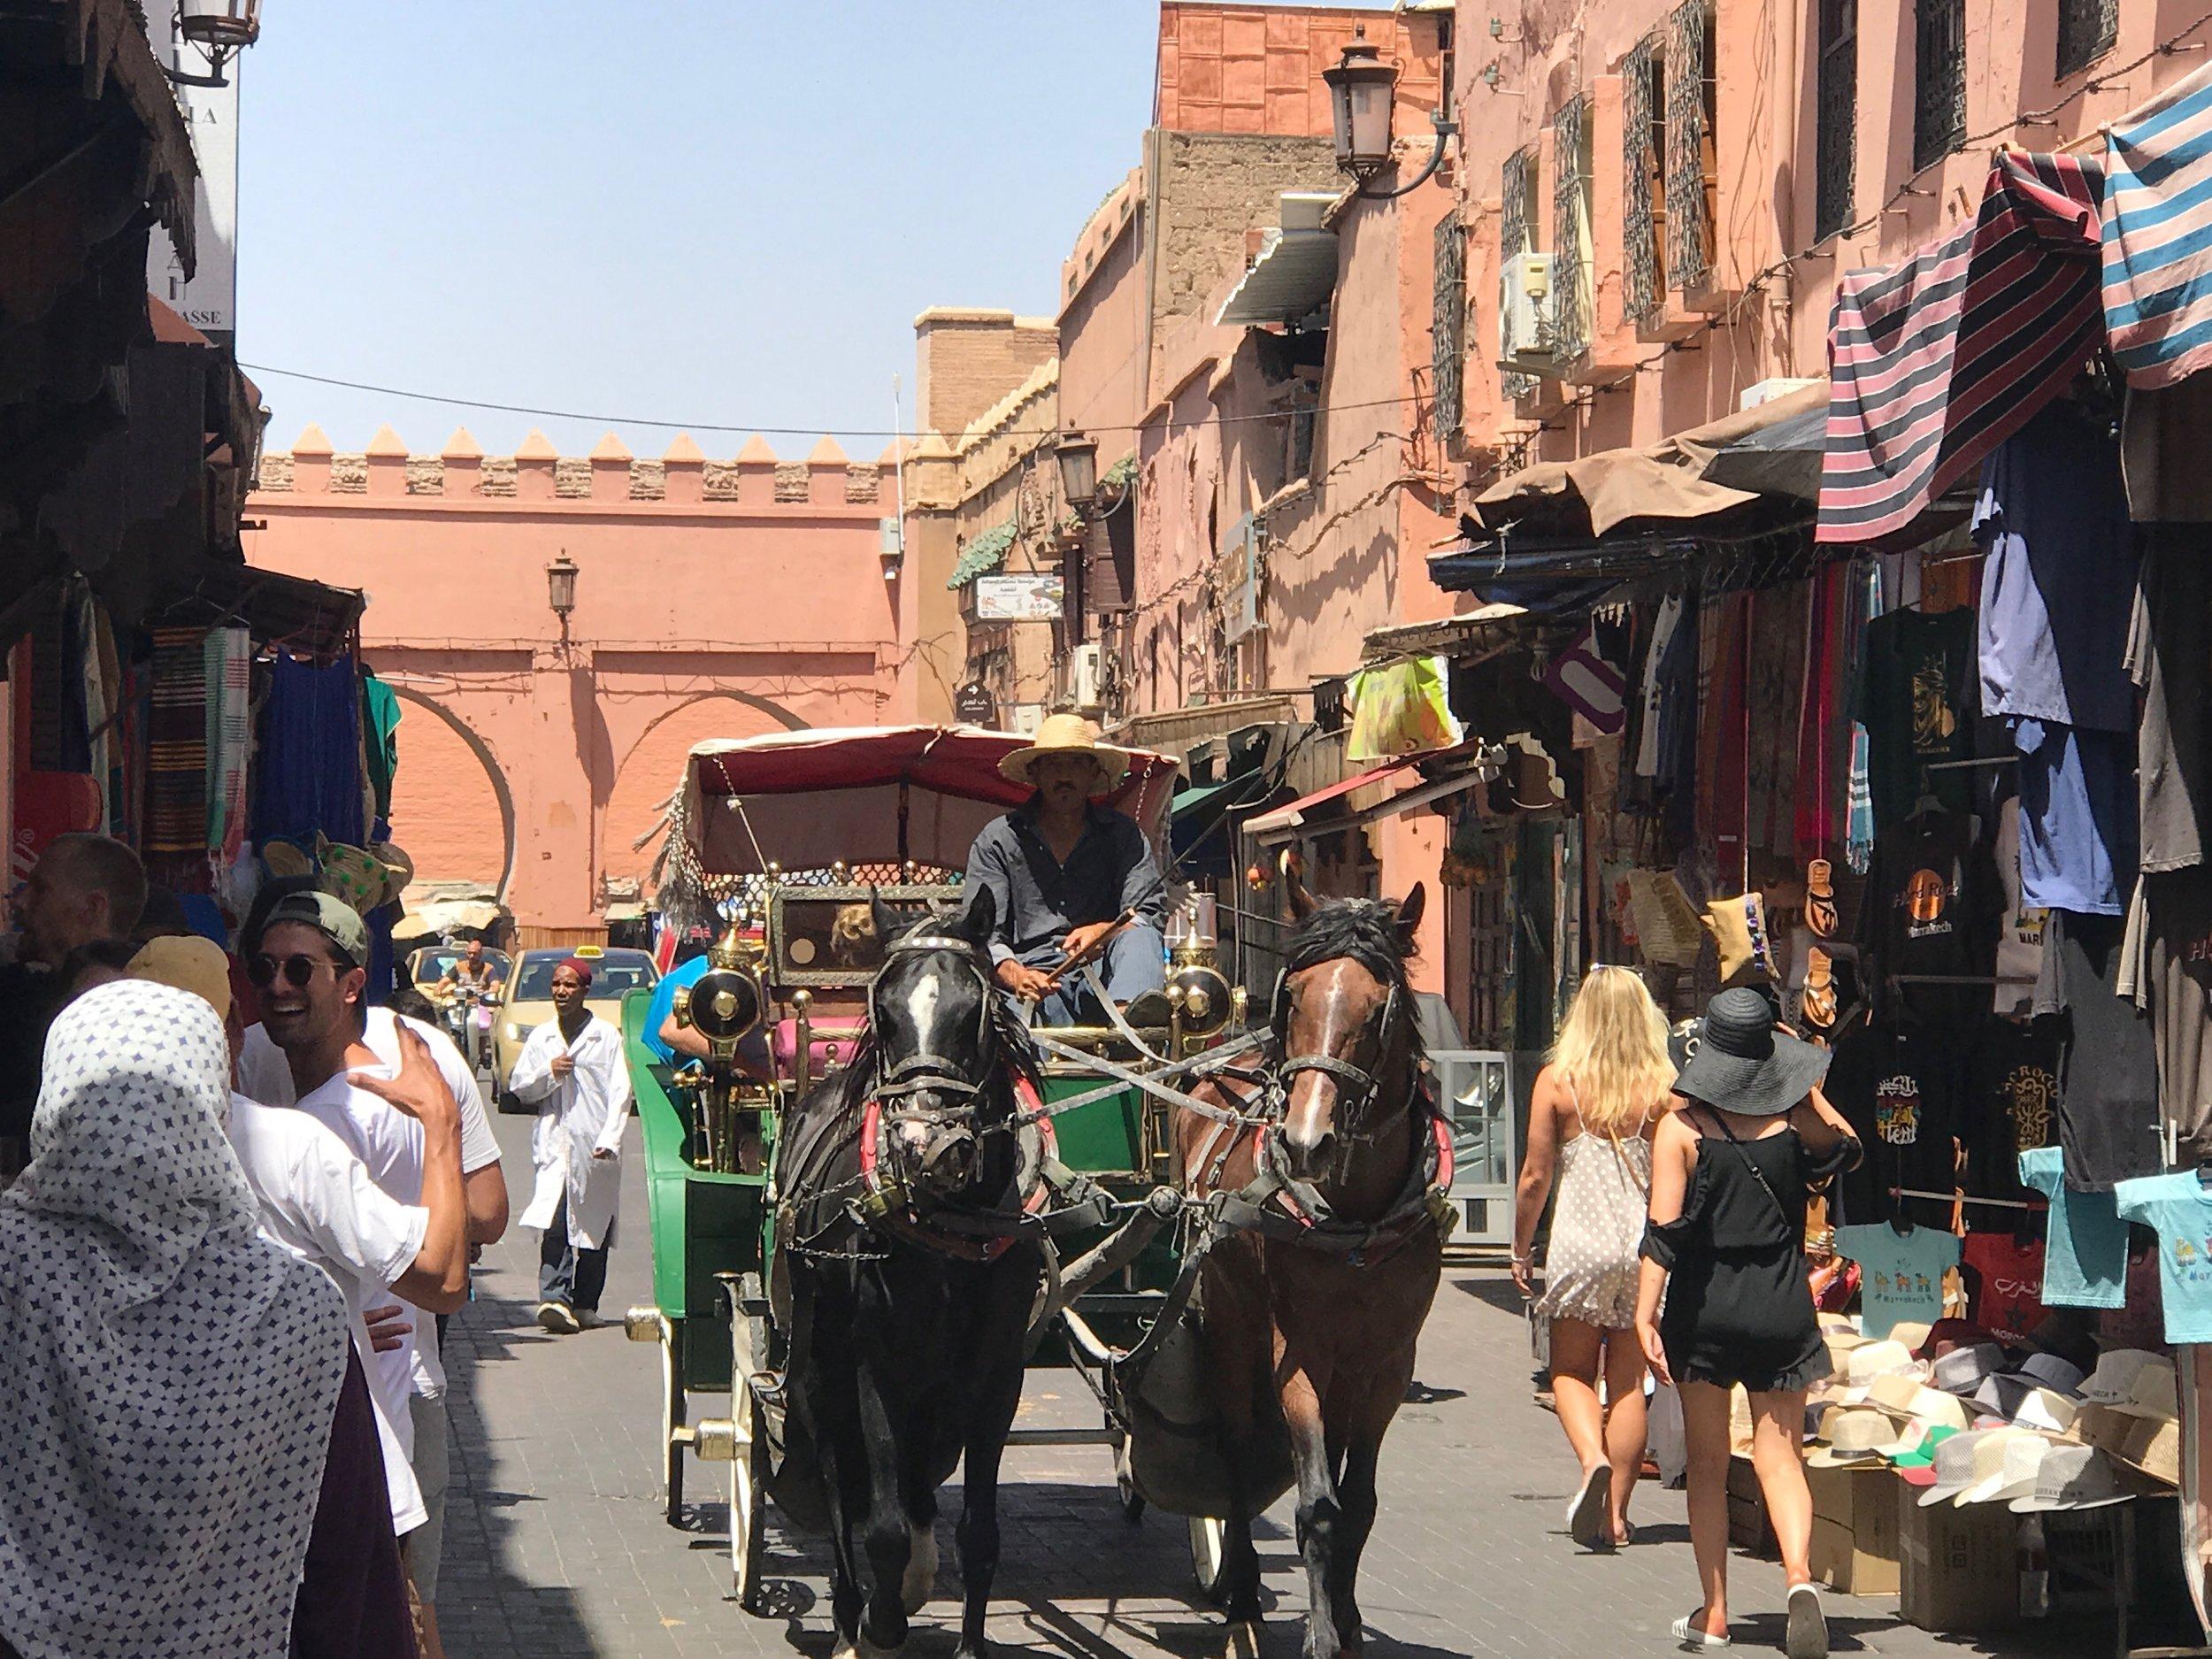 Typisk gadebillede i Kasbah området